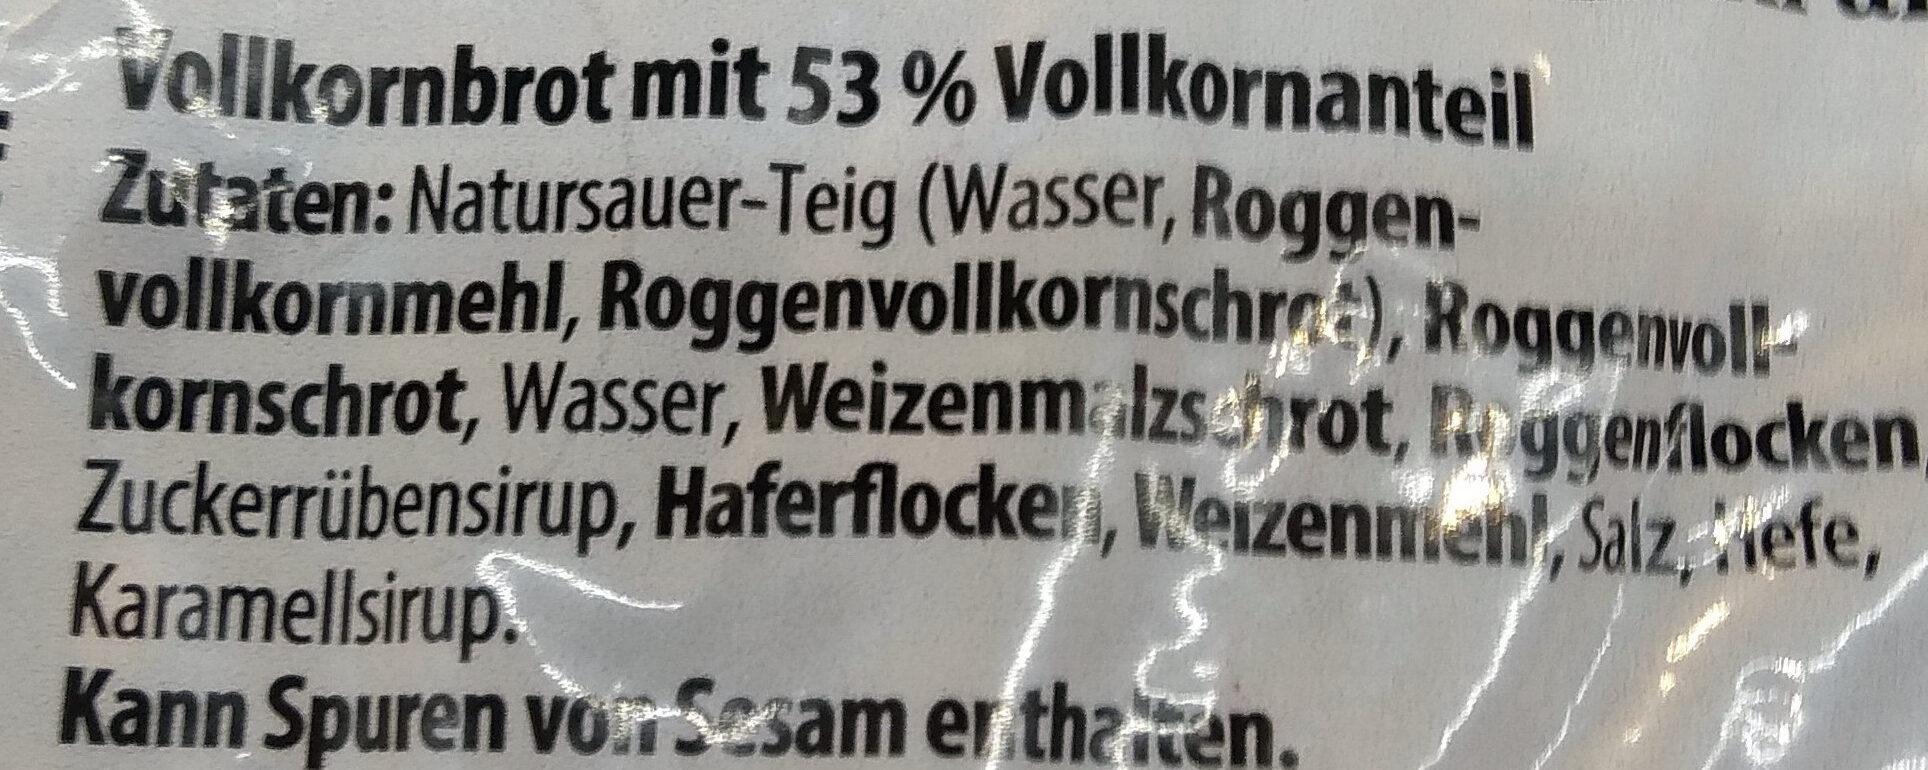 Roggenvollkornbrot - Ingredients